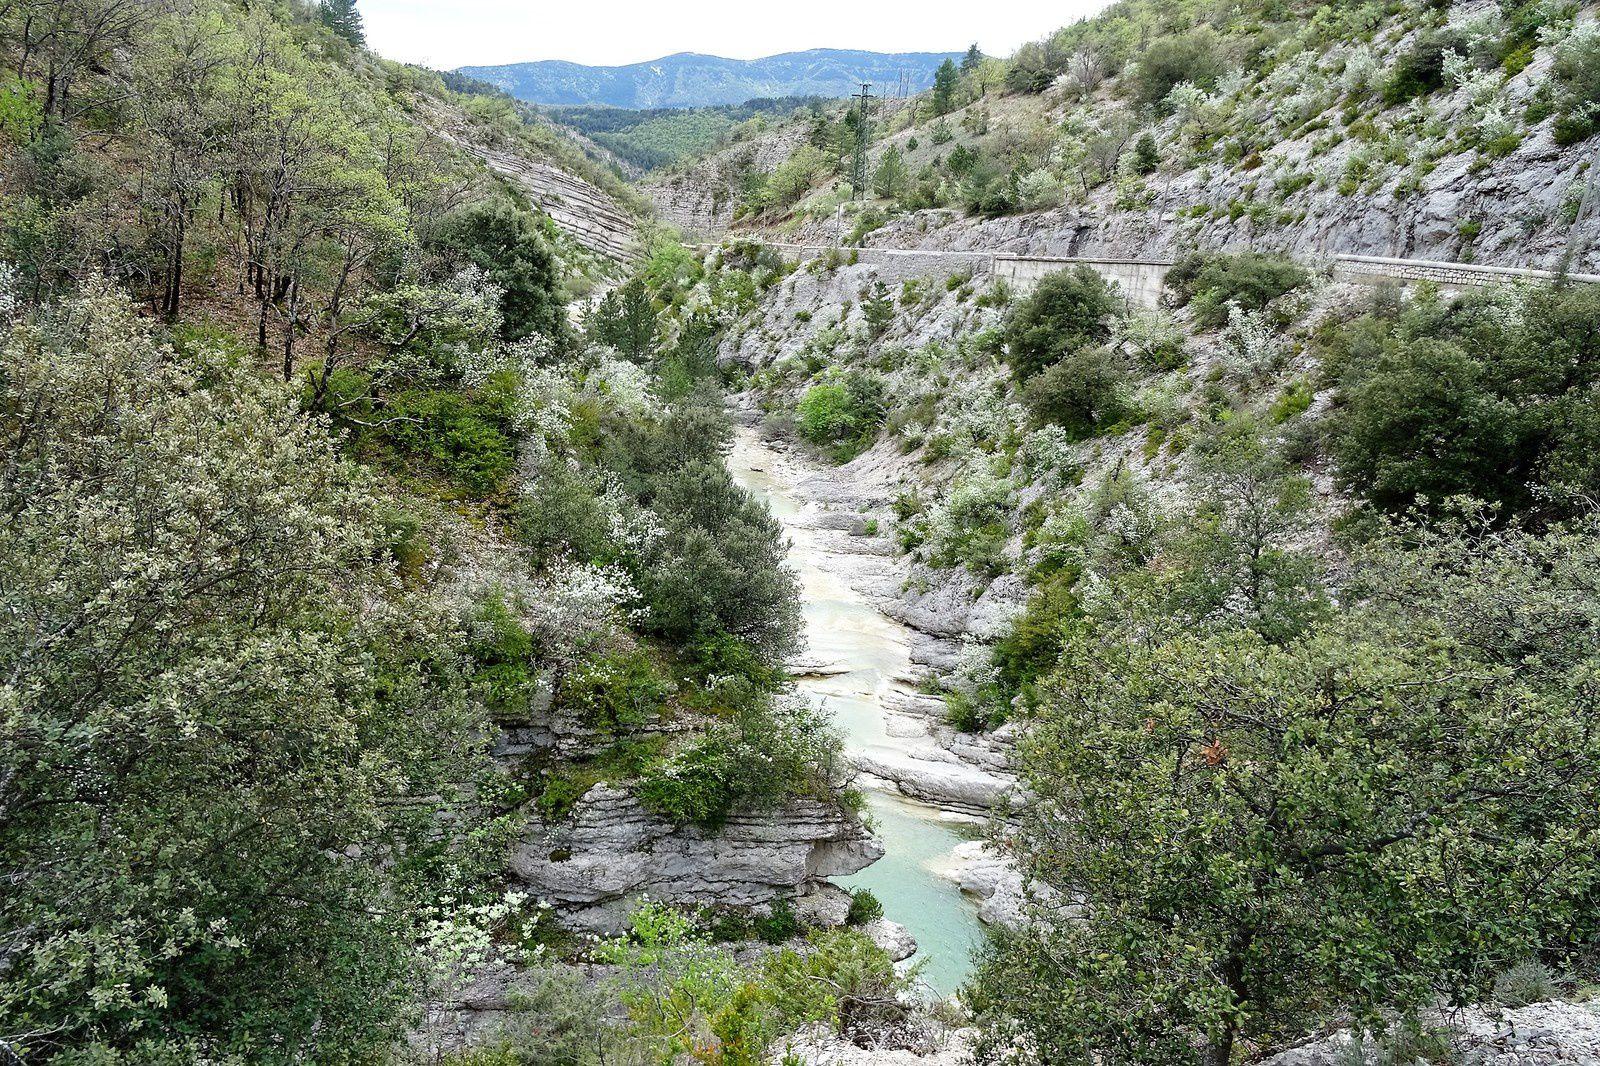 Aux alentours de Montbrun je retrouve la route, finalement ce n'est pas si mal, je longe ces jolies gorges.